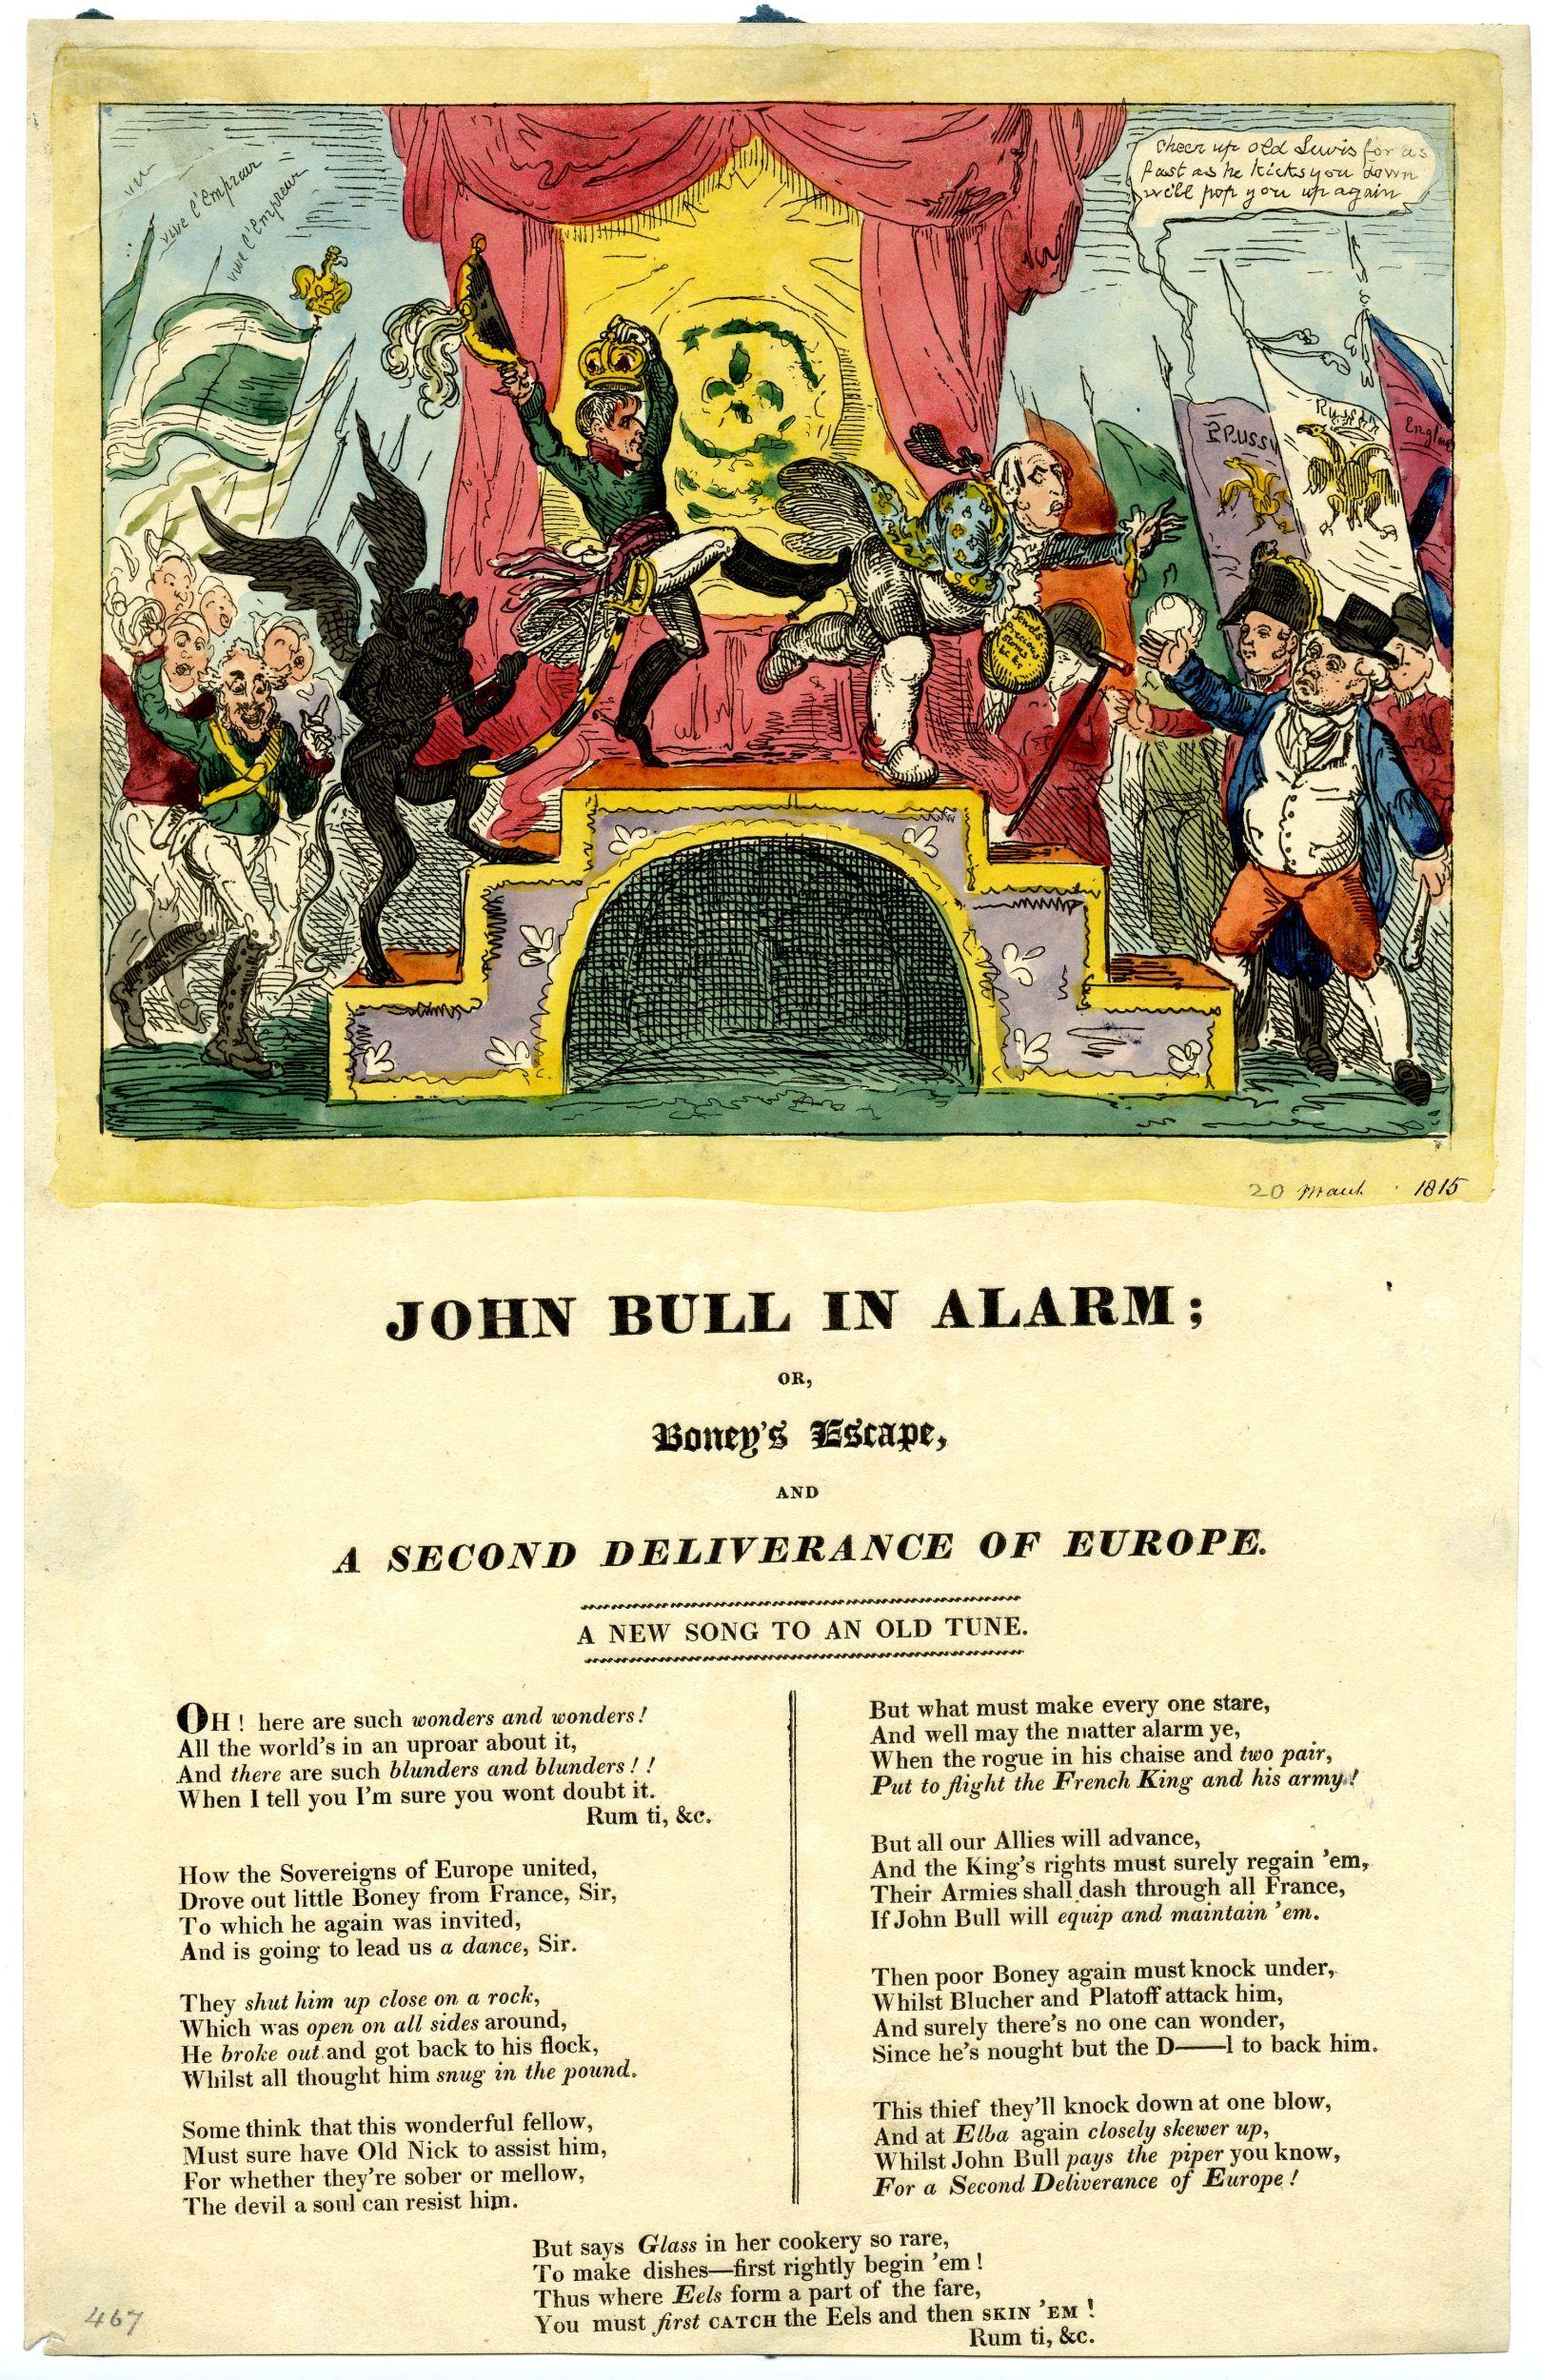 John Bull in Alarm Image.jpg